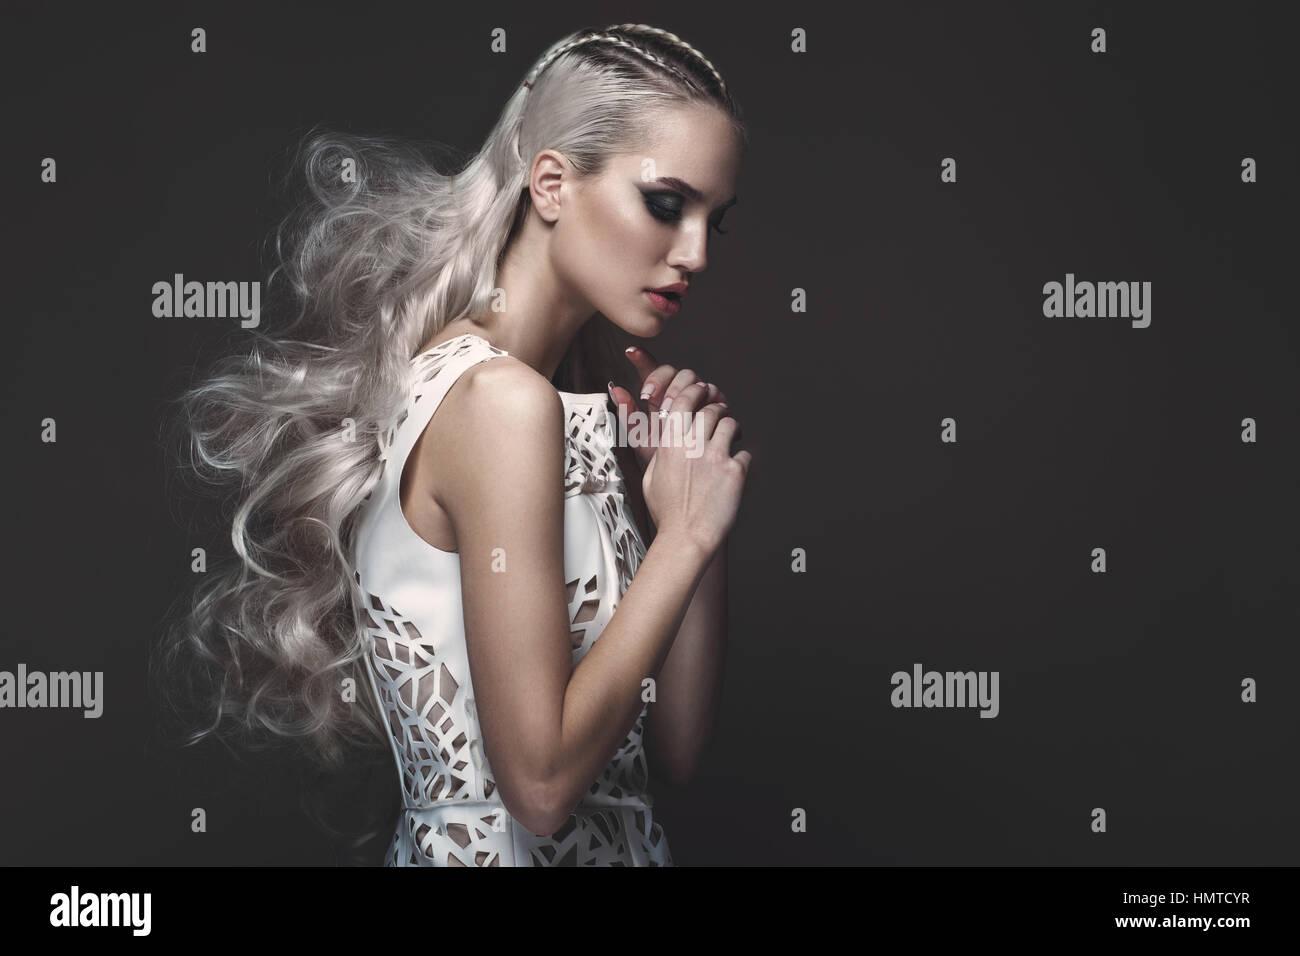 Schones Madchen In Der Kunst Kleid Mit Avantgardistischen Frisuren